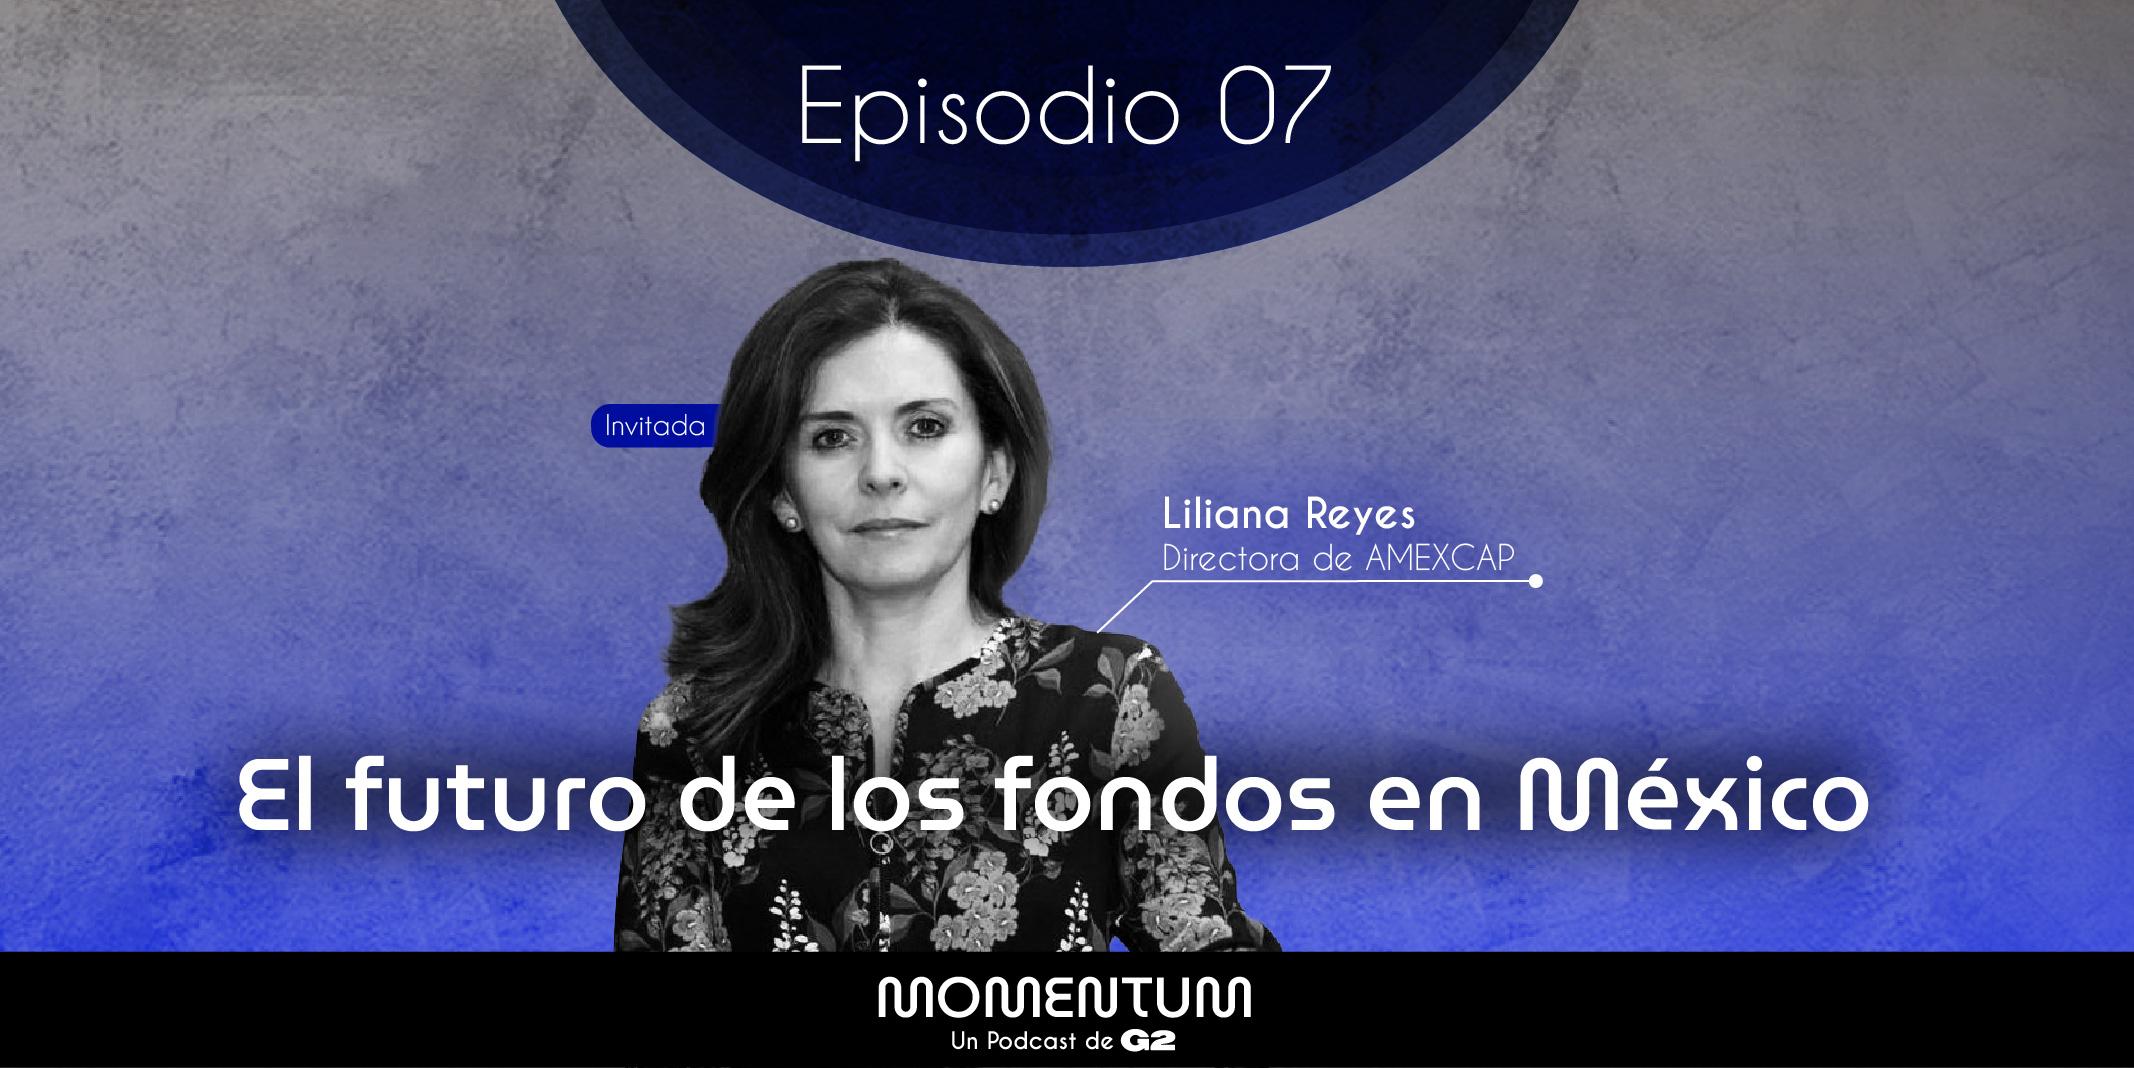 Portafolio Talks | El futuro de los fondos en México | Liliana Reyes - AMEXCAP